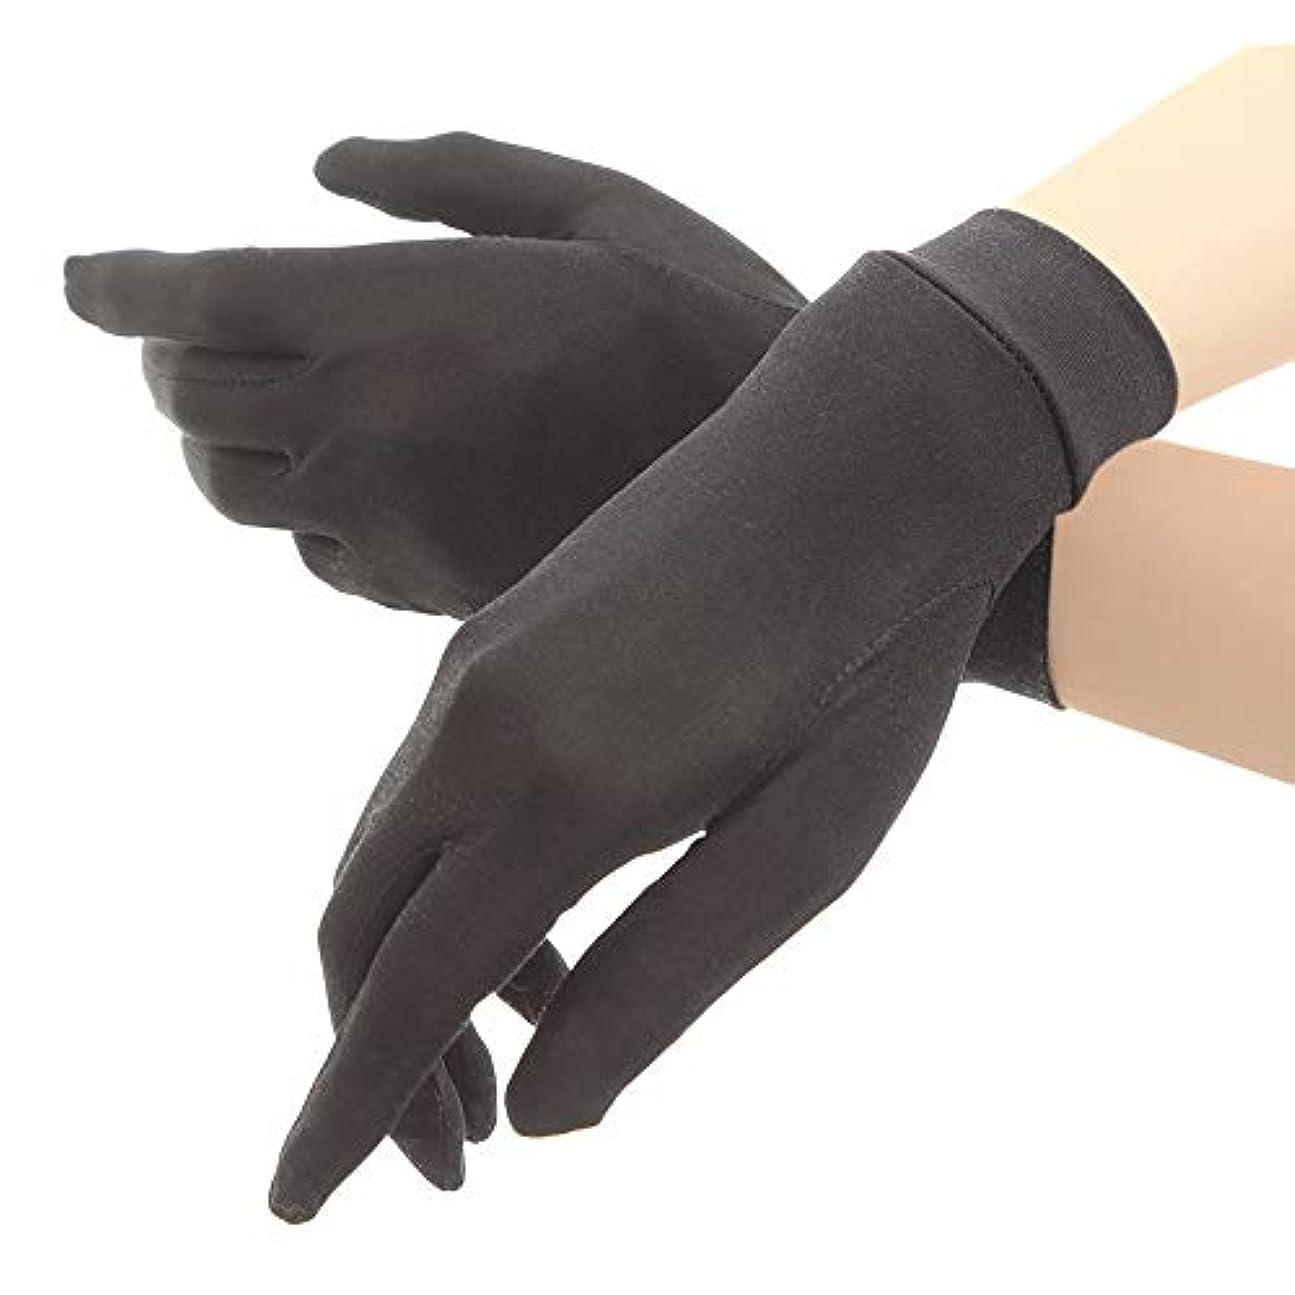 国歌行列不注意シルク手袋 レディース 手袋 シルク 絹 ハンド ケア 保湿 紫外線 肌荒れ 乾燥 サイズアップで手指にマッチ 【macch】